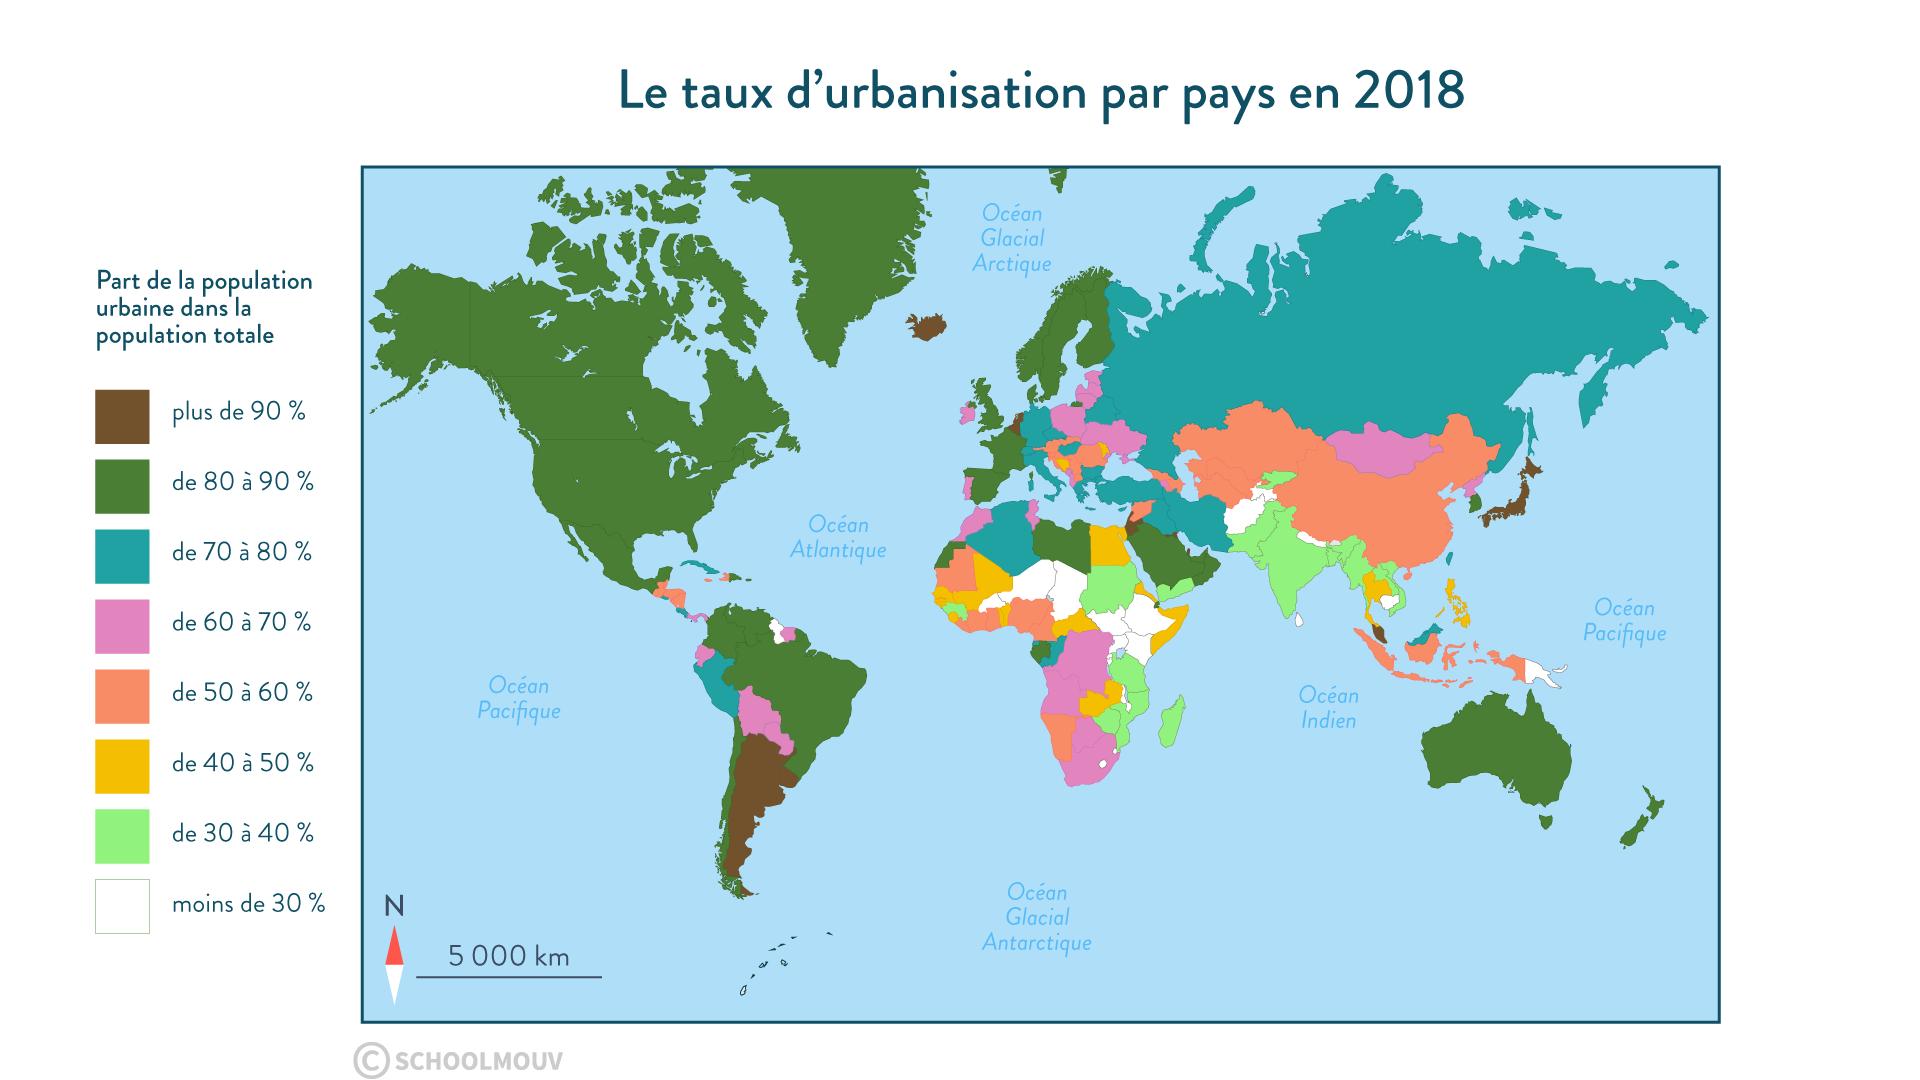 Le taux d'urbanisation par pays en 2018 - Géographie - 1re - SchoolMouv